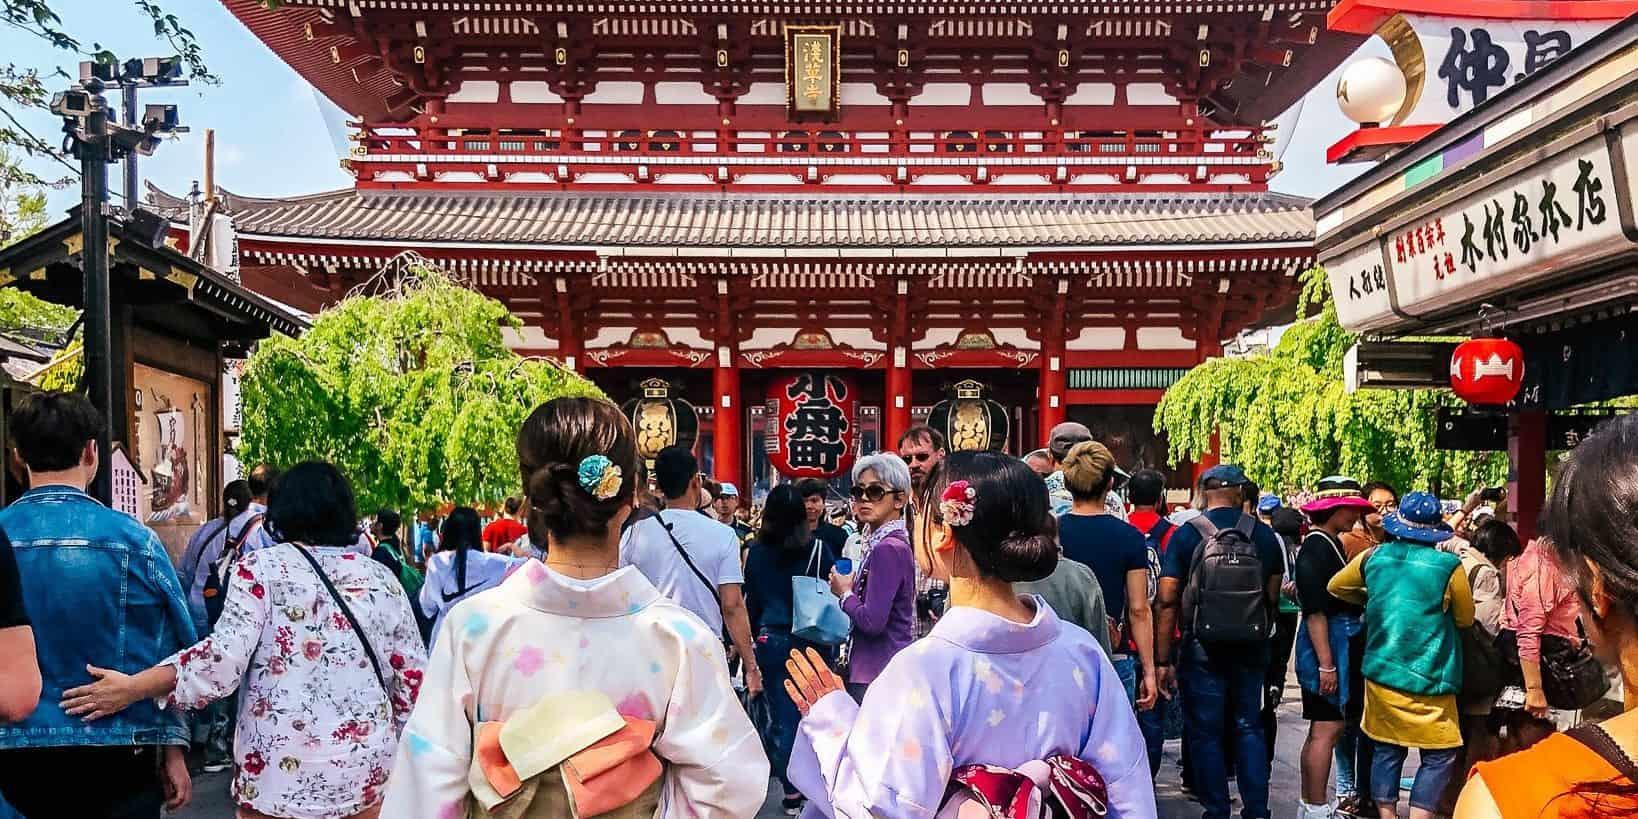 geisha at temple tokyo japan